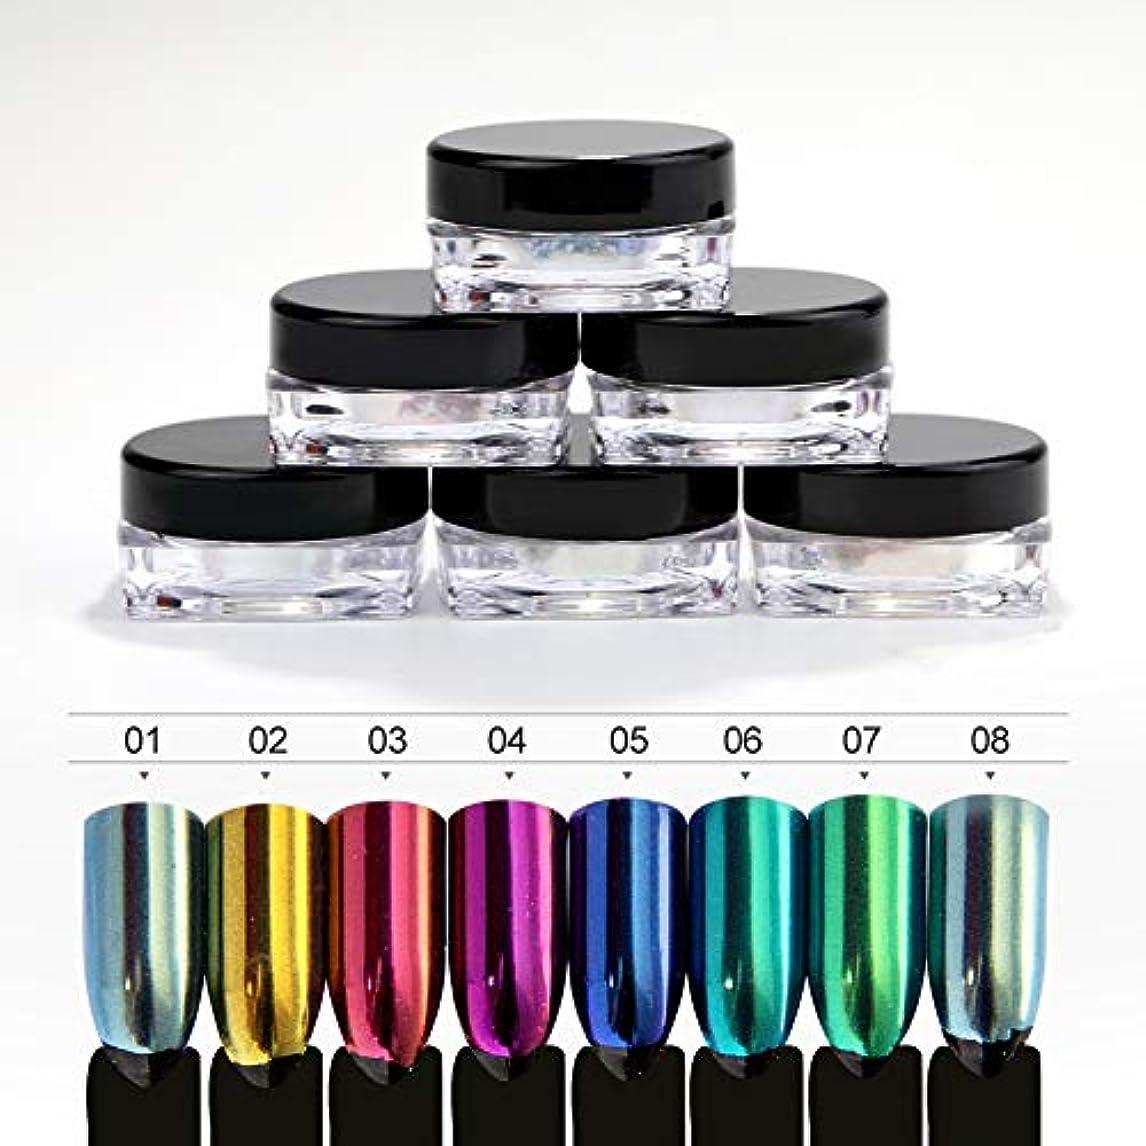 代名詞医療過誤子羊Twinkle Store  8個、 1g入り ネイルパウダー ネイルアート ミラーパウダー 鏡面効果がある、 ネイル初心者でも簡単です。